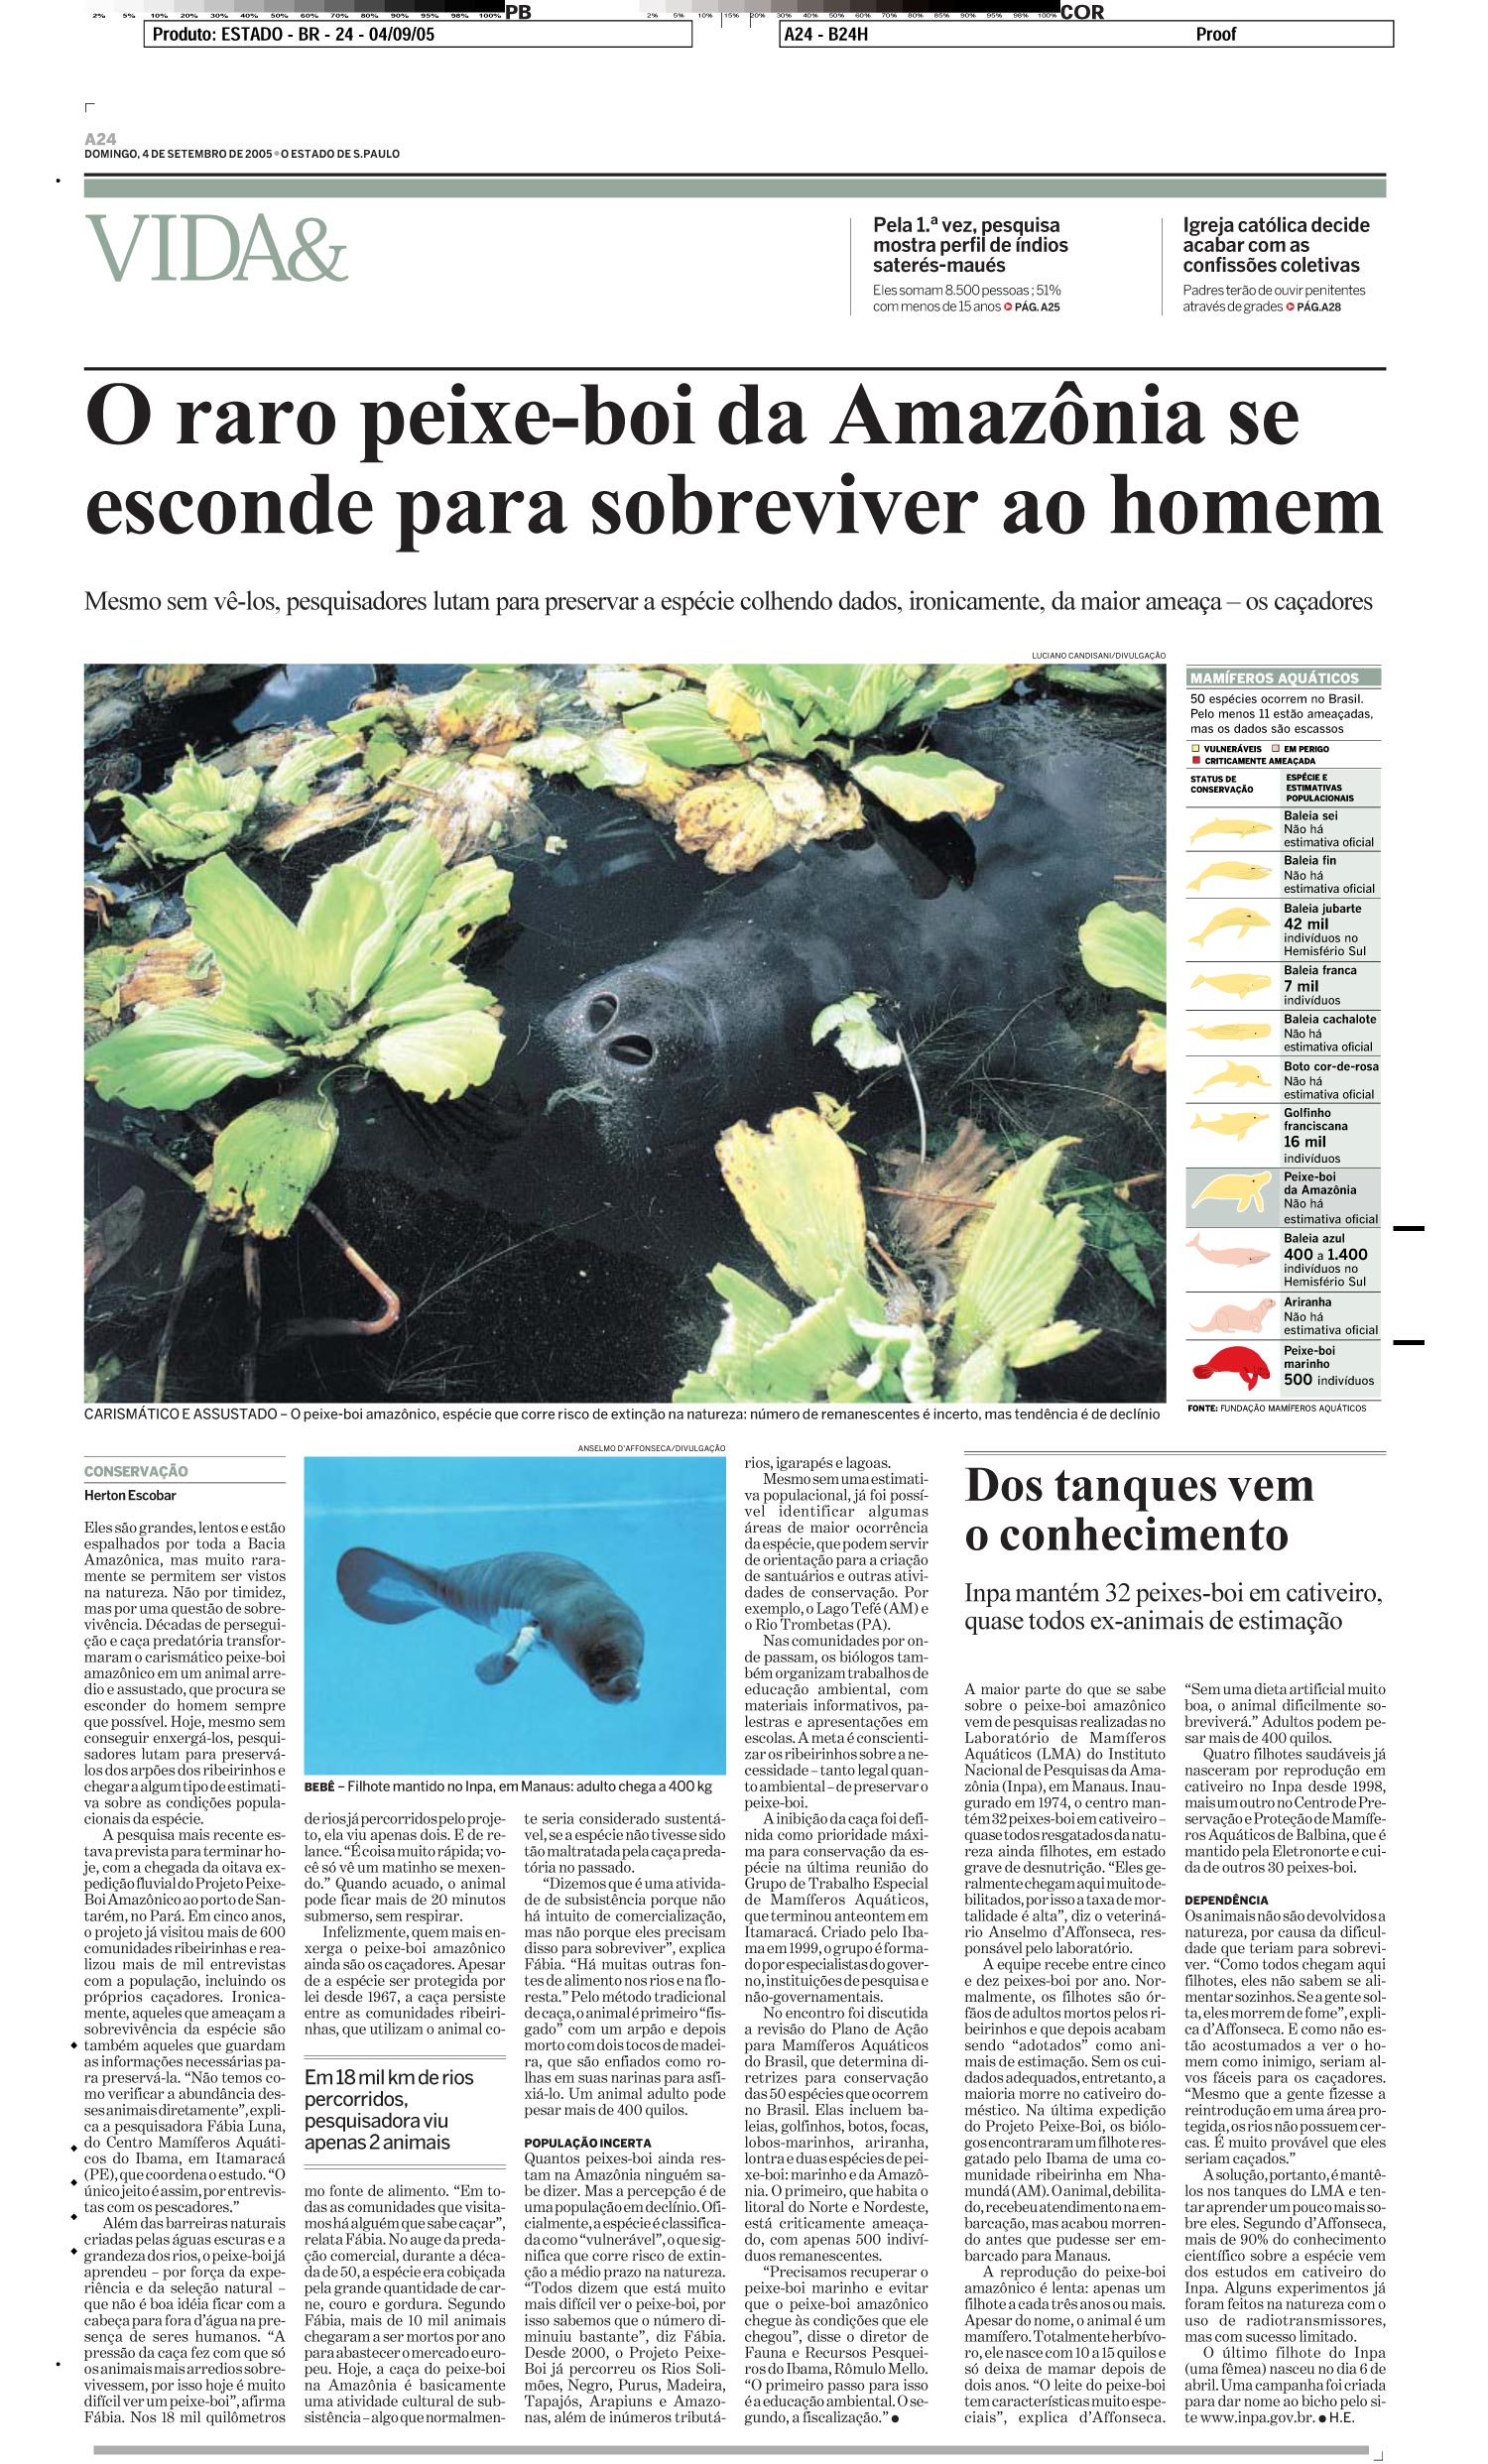 O raro peixe-boi da Amazônia se esconde para sobreviver ao homem